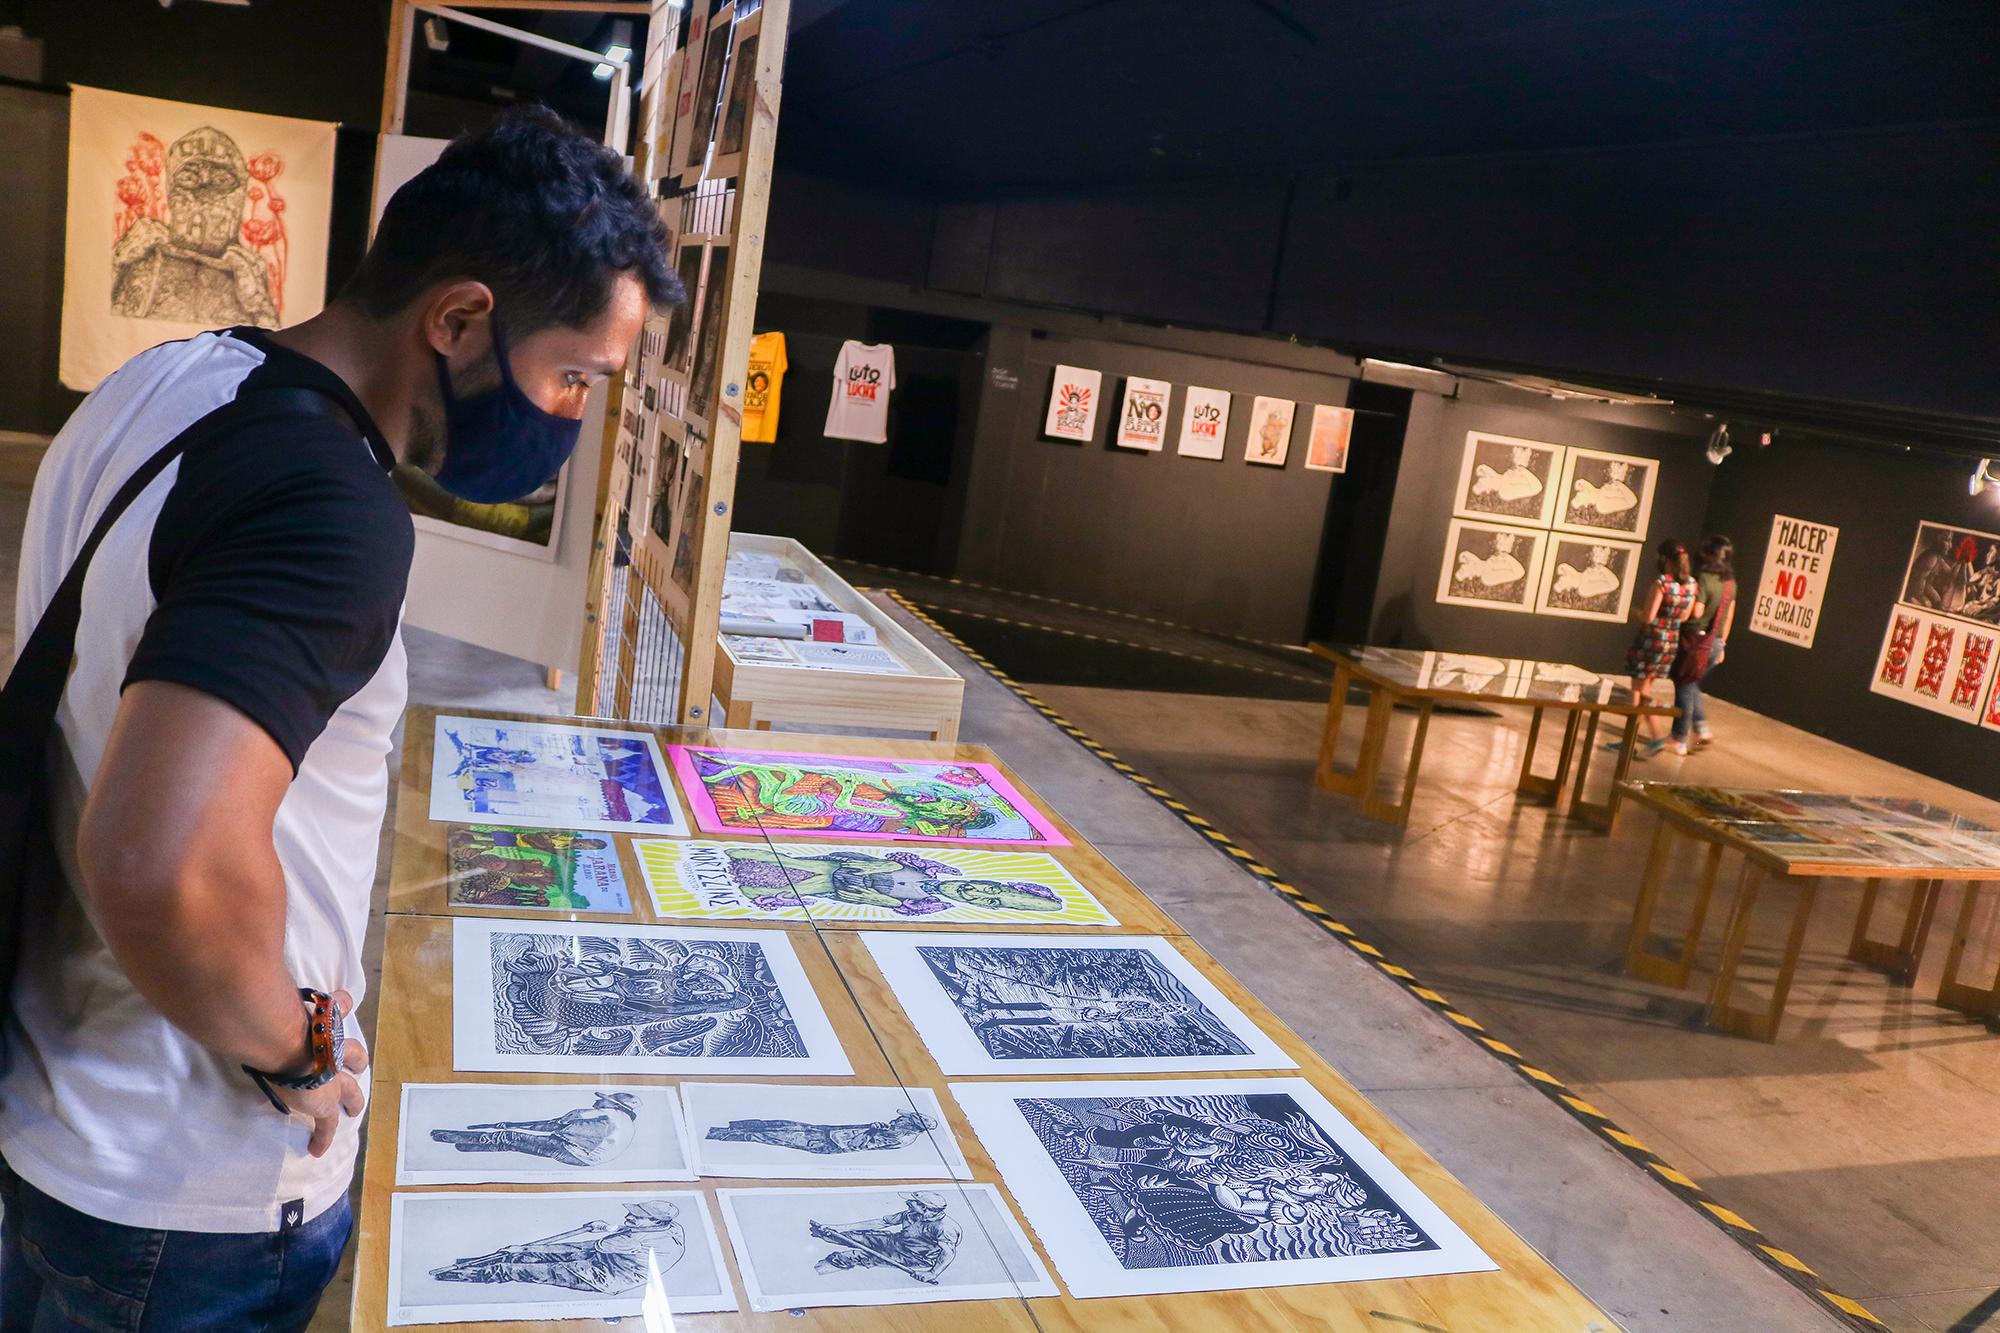 La muestra que reúne lo mejor de la gráfica caleña en el Museo La Tertulia - Subterranea-5